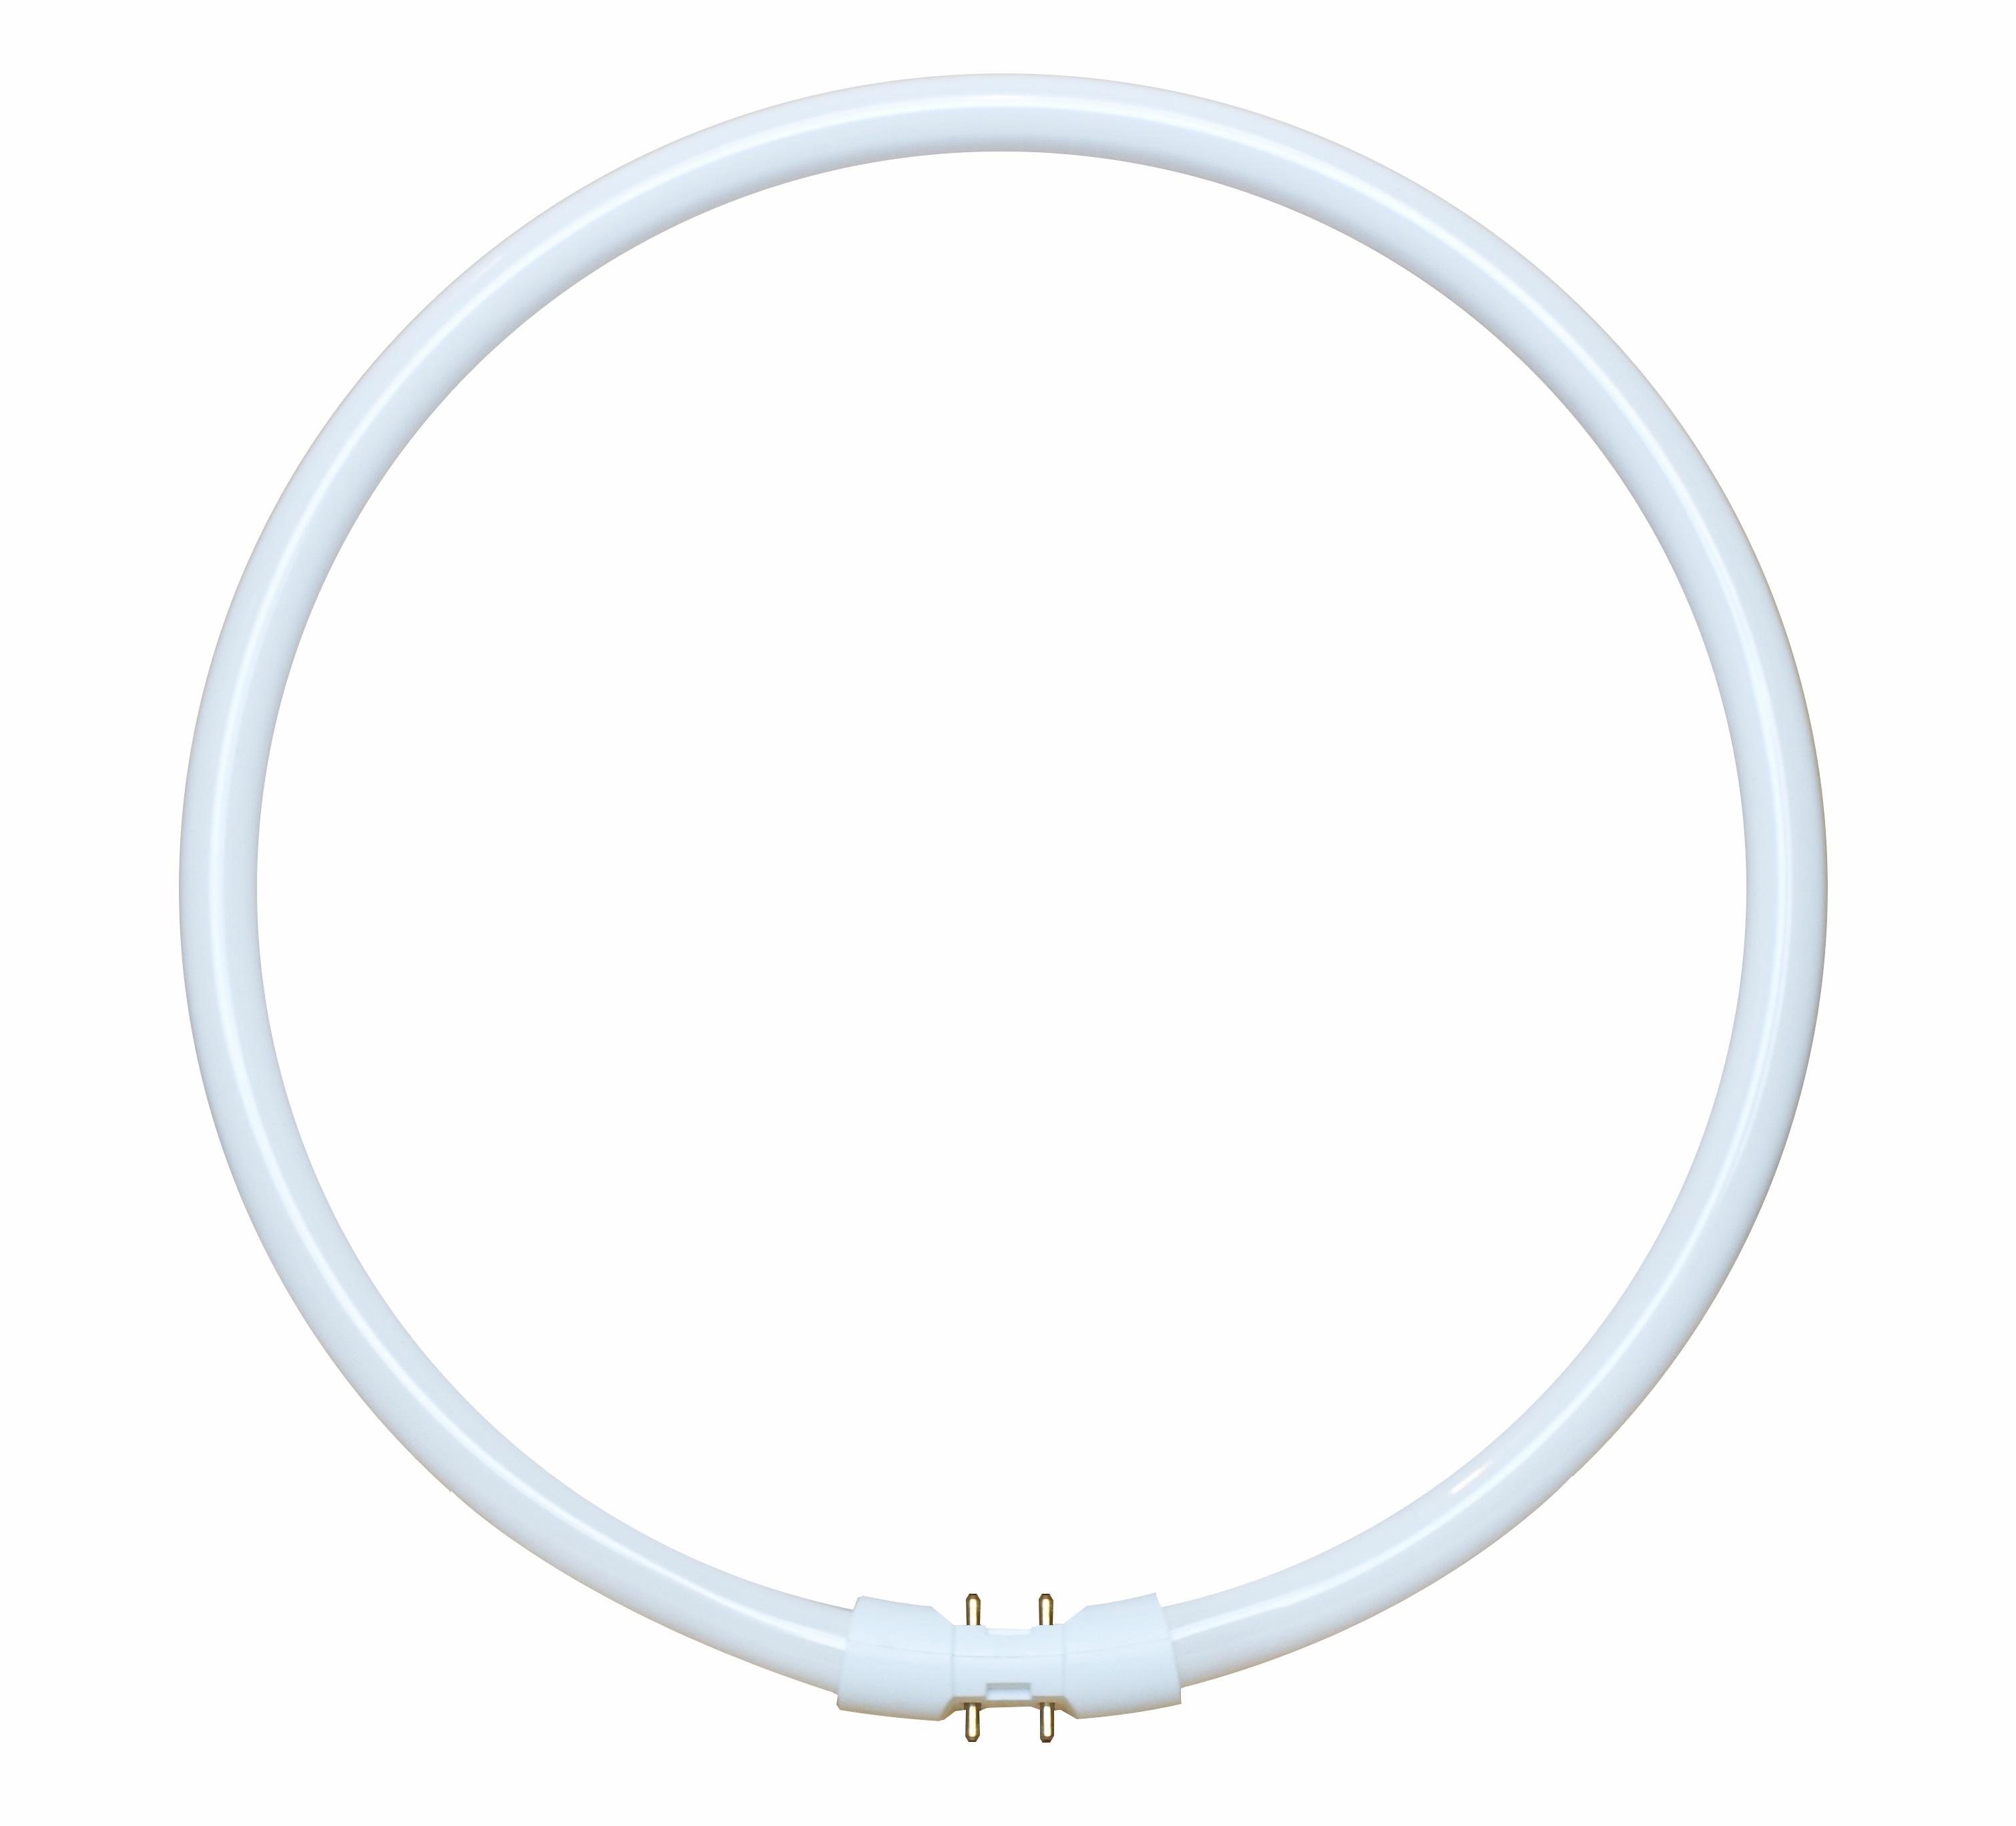 1 Stk T16-R 22W/840 2GX13 Leuchtstofflampe kreisförmig LI5W528465